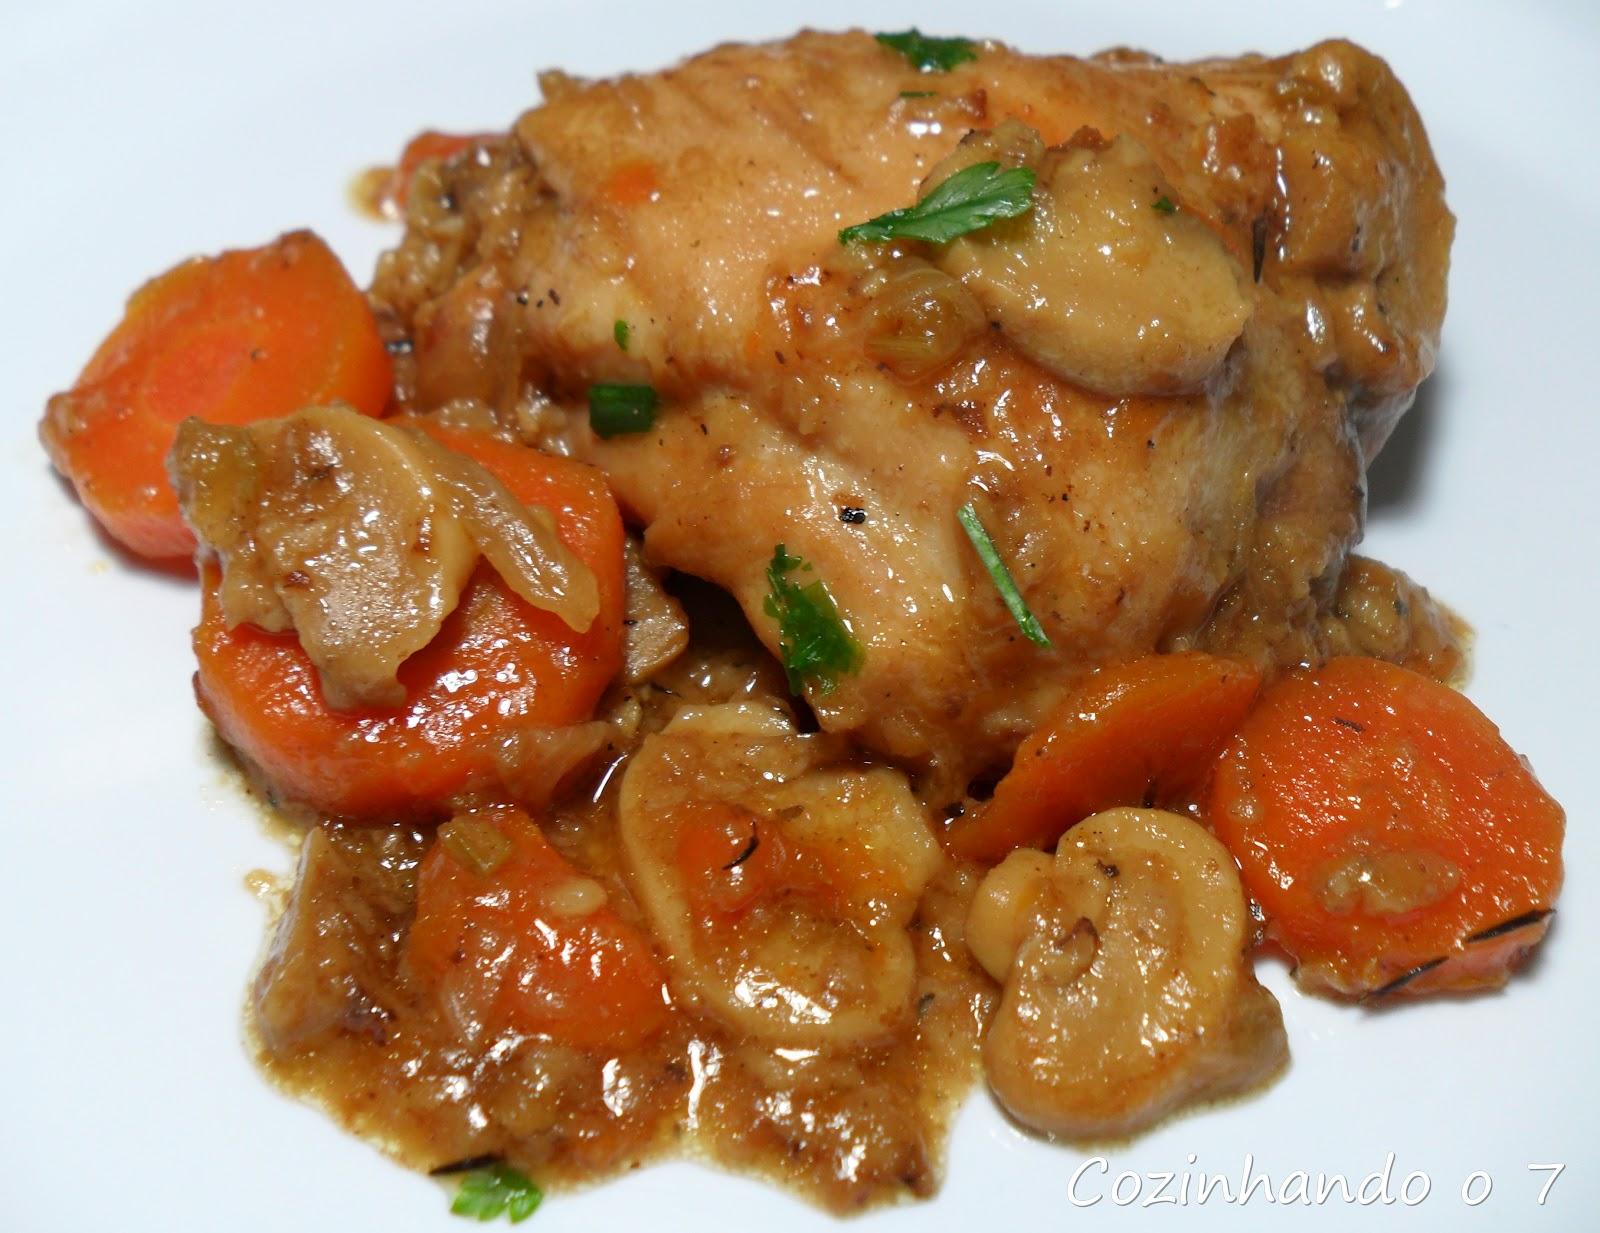 Dieta de arroz e frango